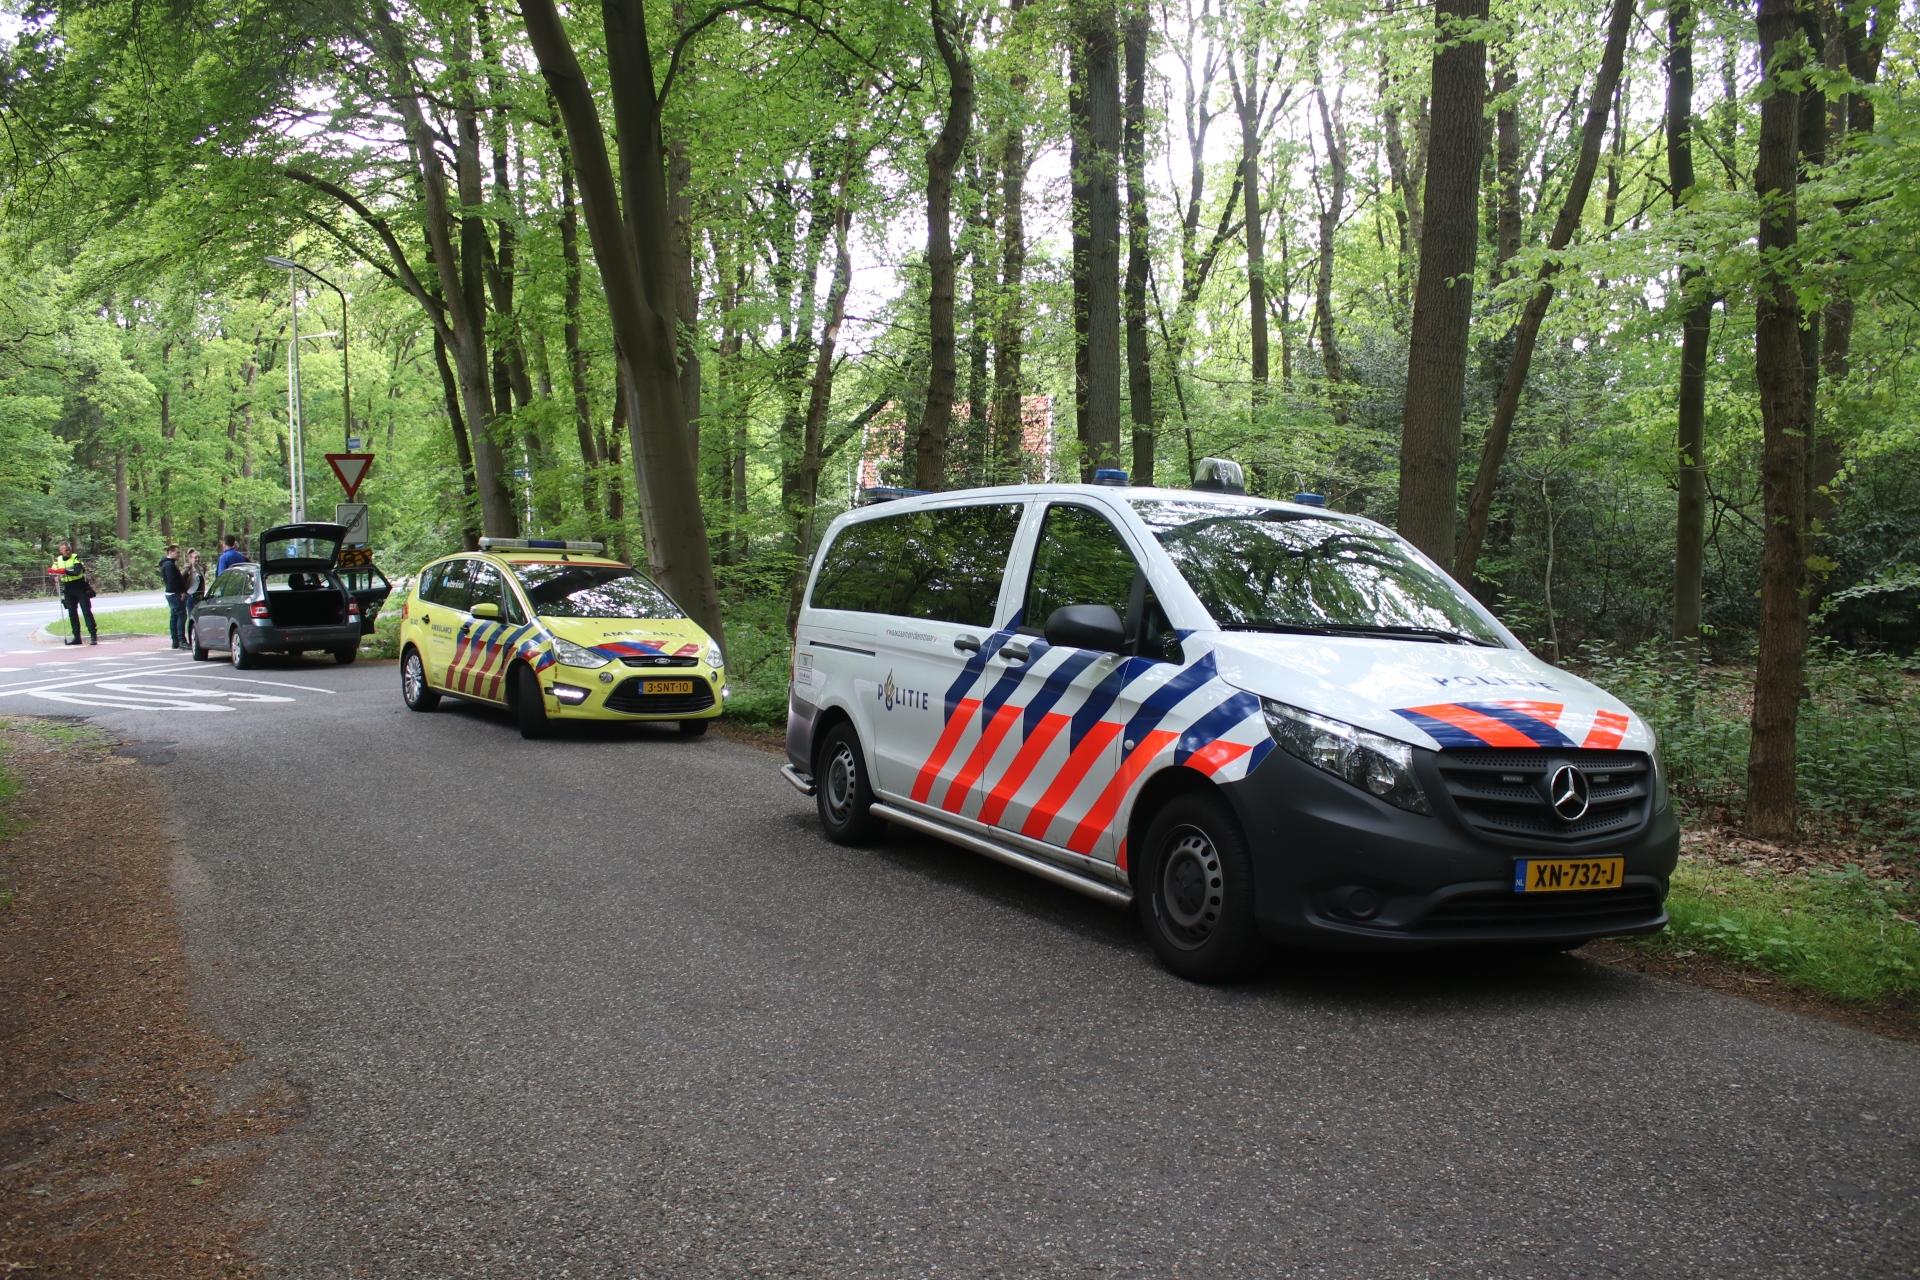 kindje krijgt traumabeertje na ongeval in Beekbergen